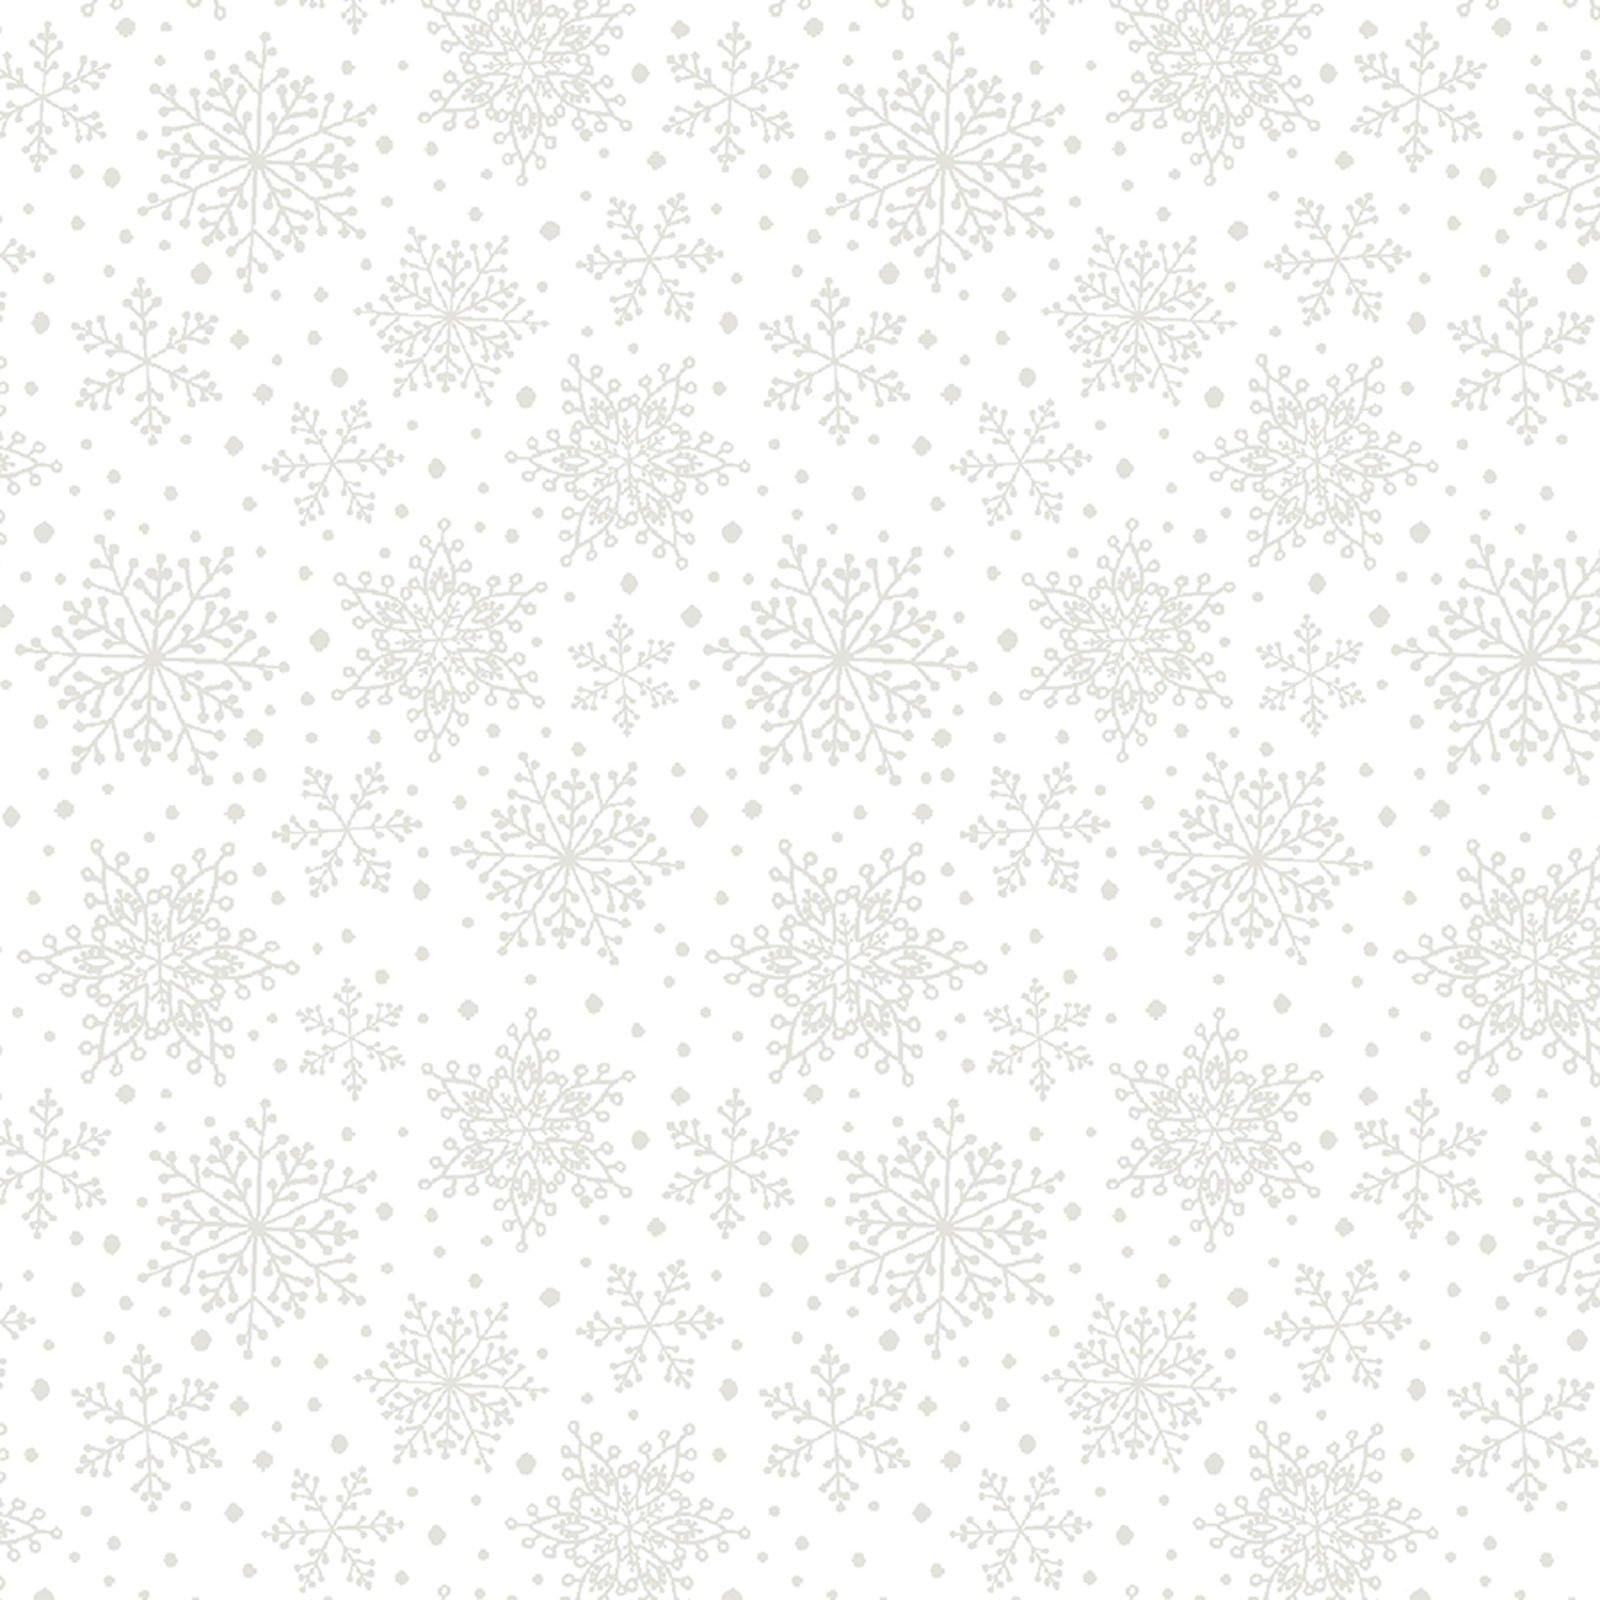 Snowflakes White<br/>Contempo Studio 7577-09